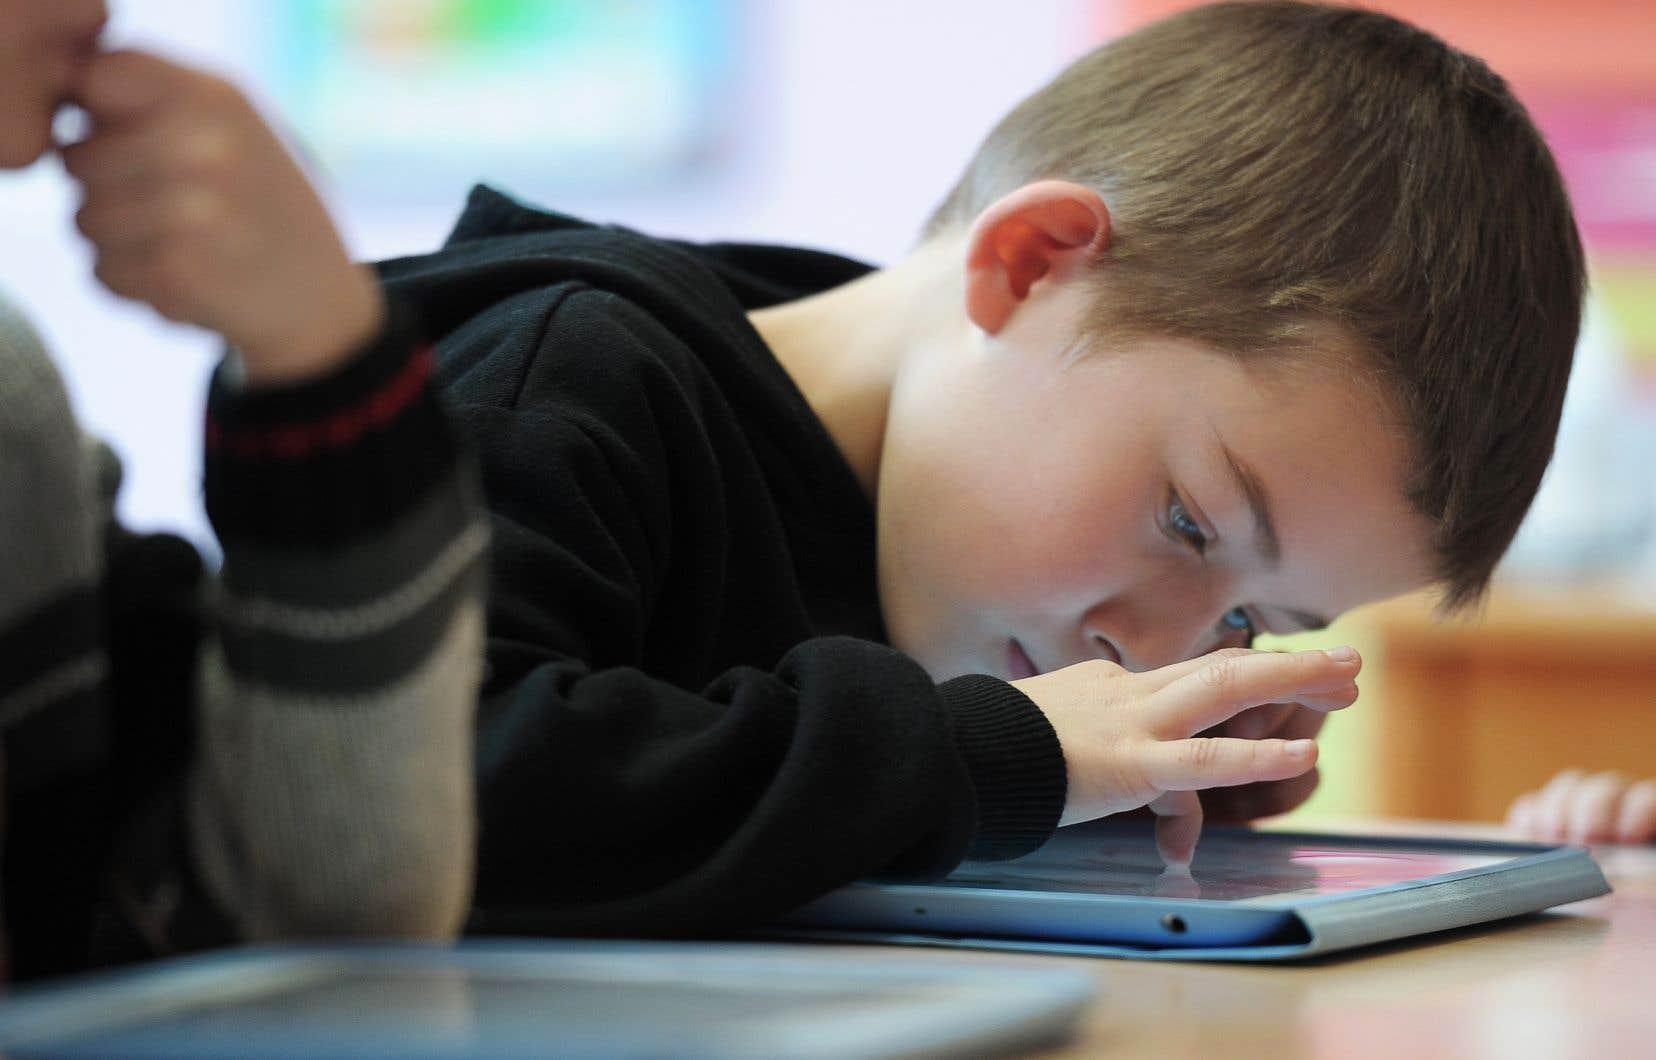 Oui, les élèves passent trop de temps devant les écrans, mais reformulons: les élèves passent trop de temps pour se divertir devant un écran.